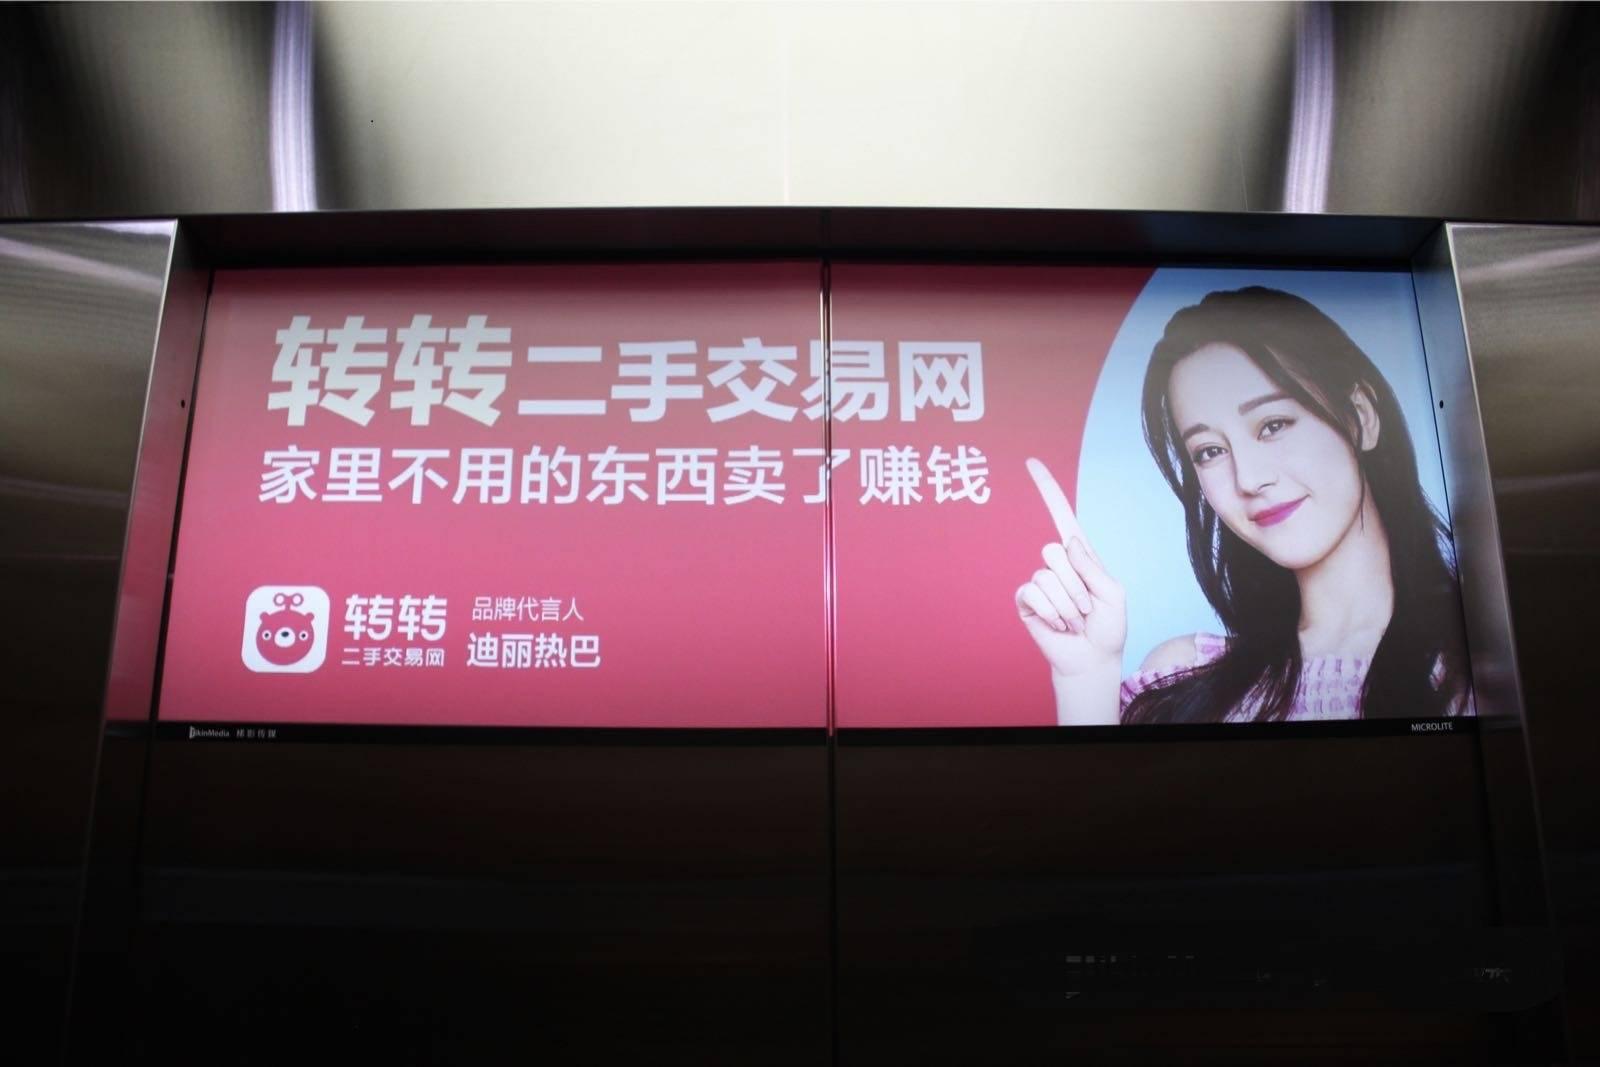 临汾电梯投影广告